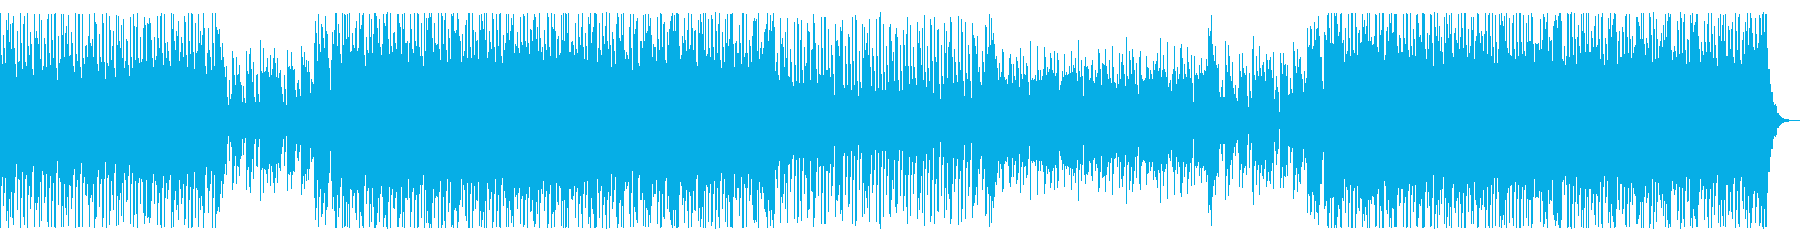 かわいいピコピコサウンドのテクノの再生済みの波形